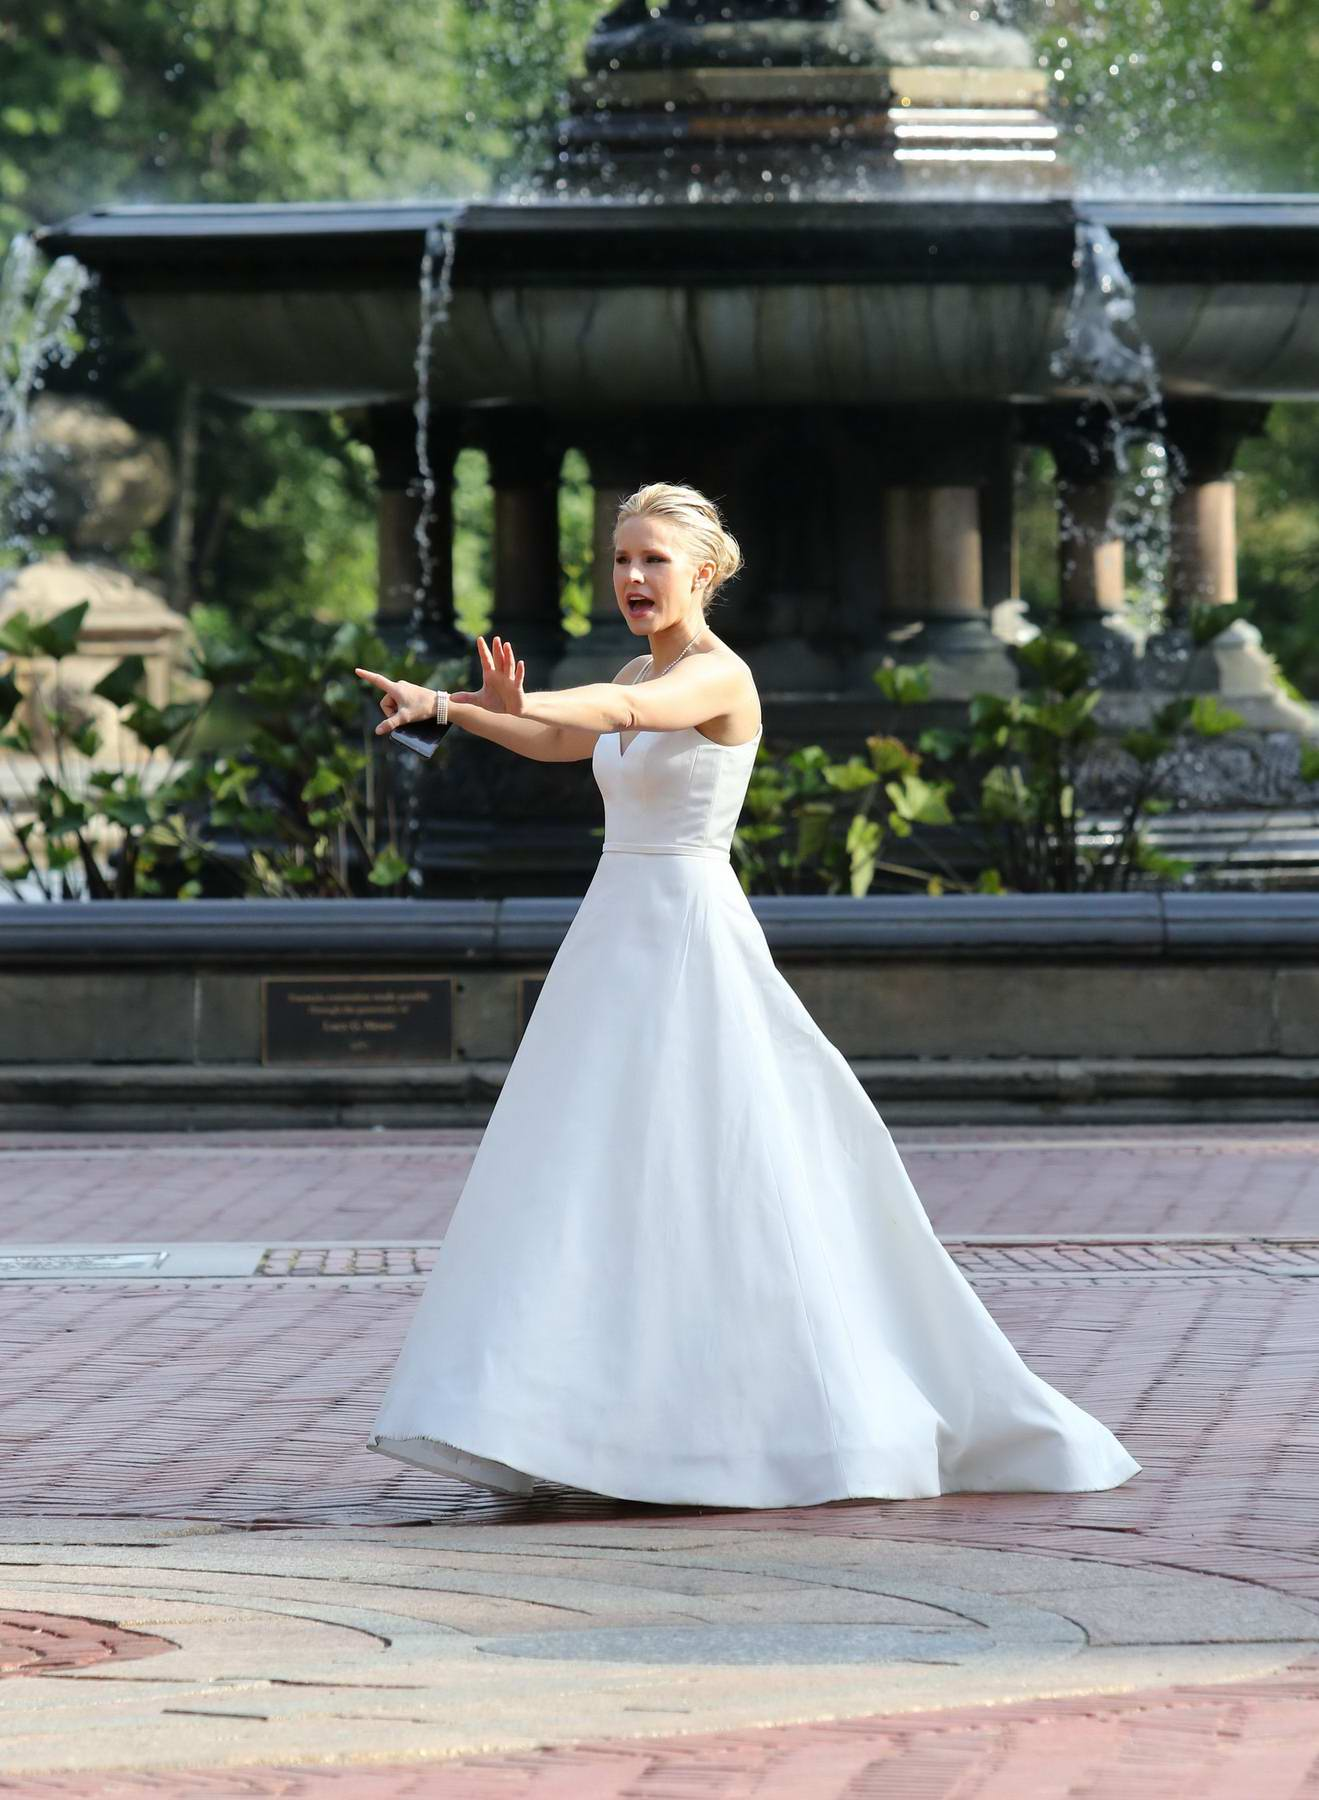 Imagespace Kristen Bell Wedding Dress Gmispace Com